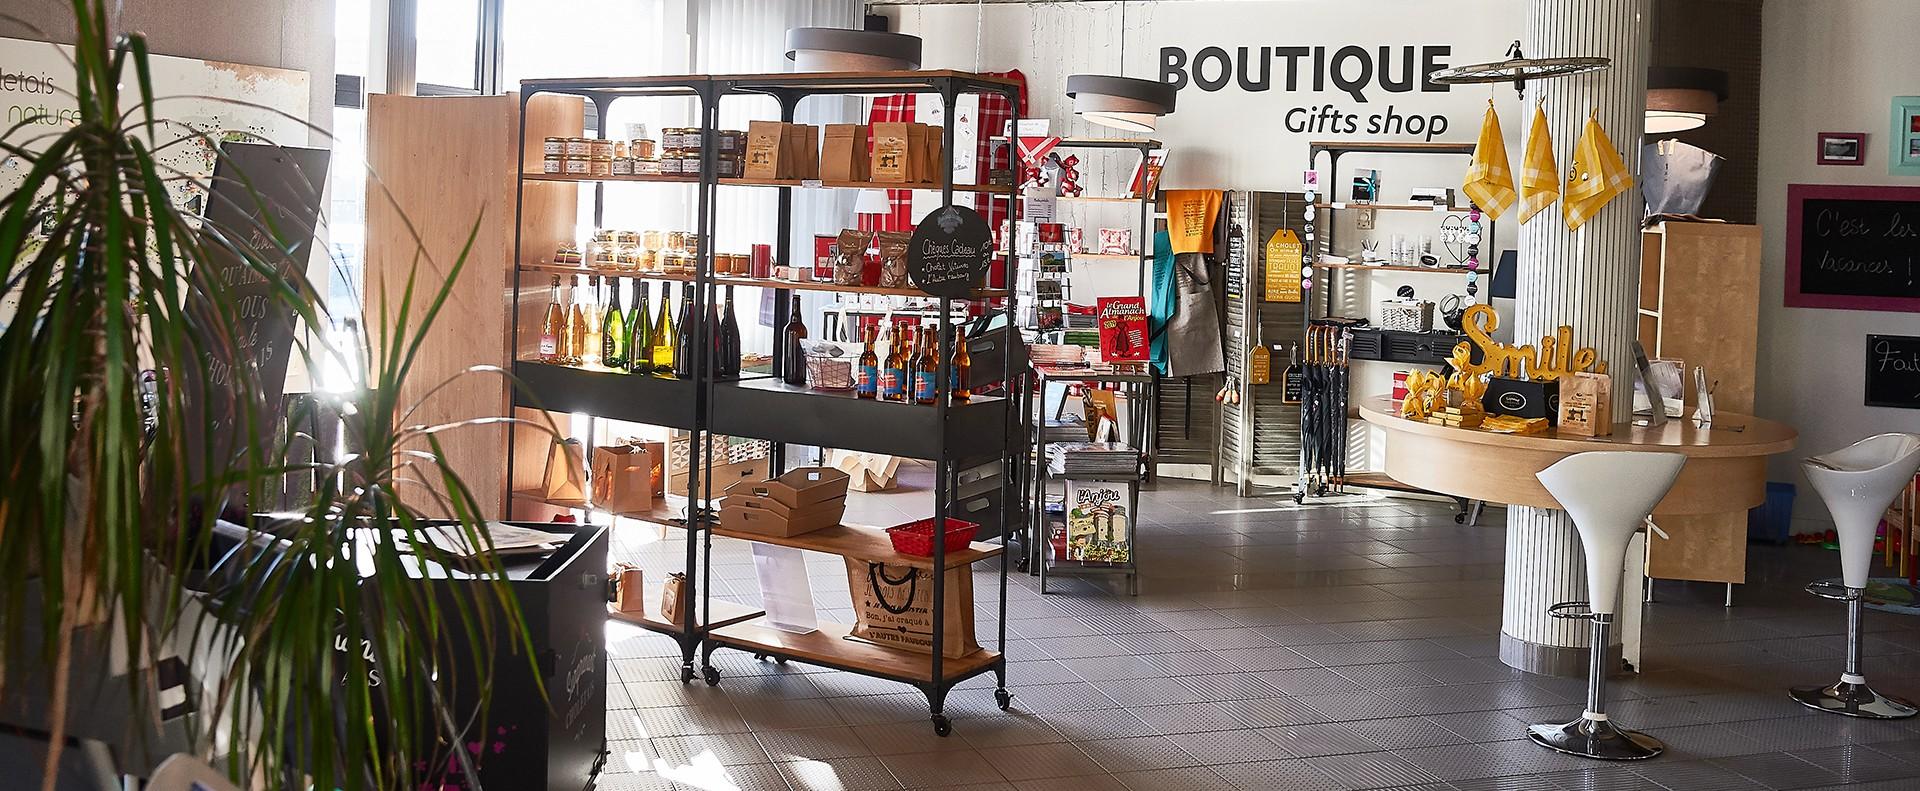 actu-boutique-fete-des-meres-2019-1565